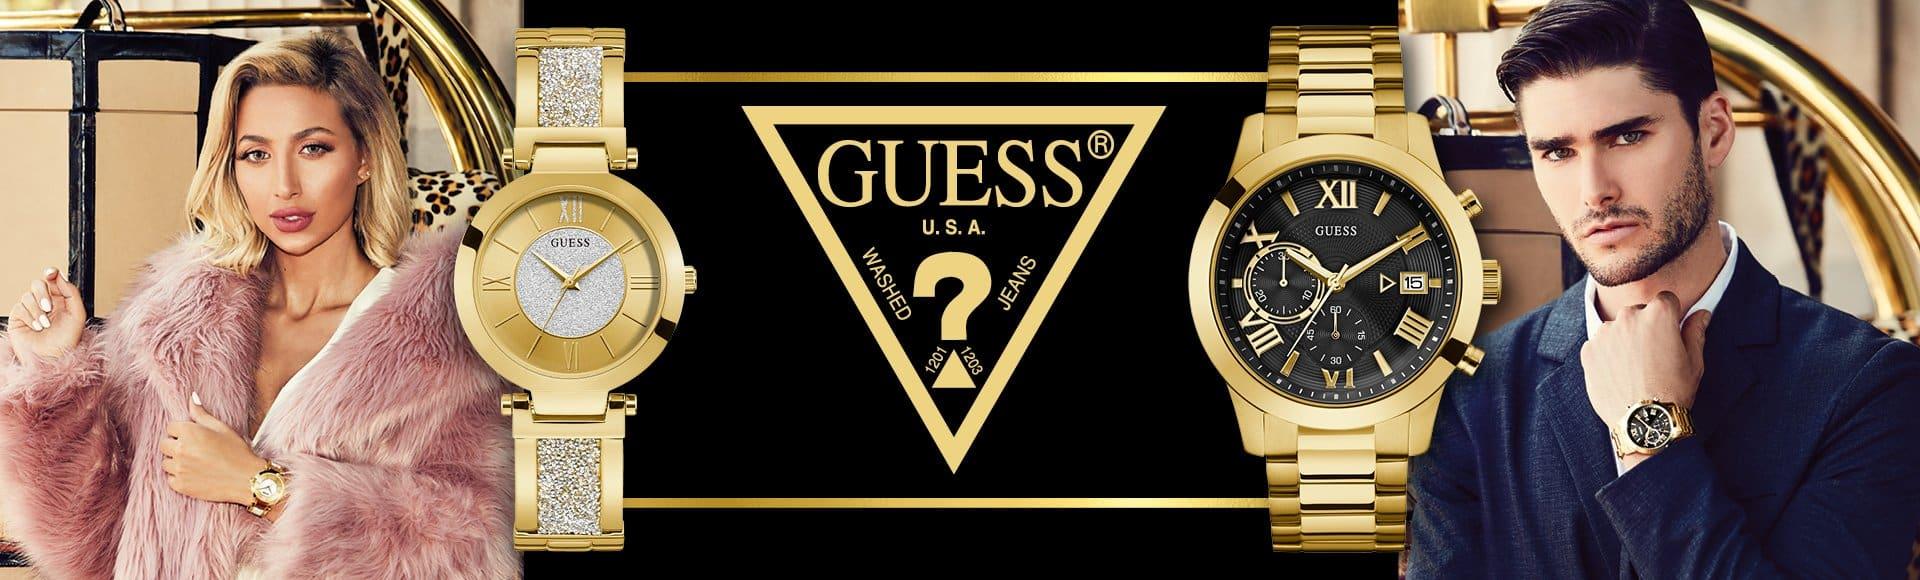 vente-montre-de-marque-guess-collection-gc-pour-homme-et-femme-montre-ar-tunisie-meilleure-prix-mykenza.